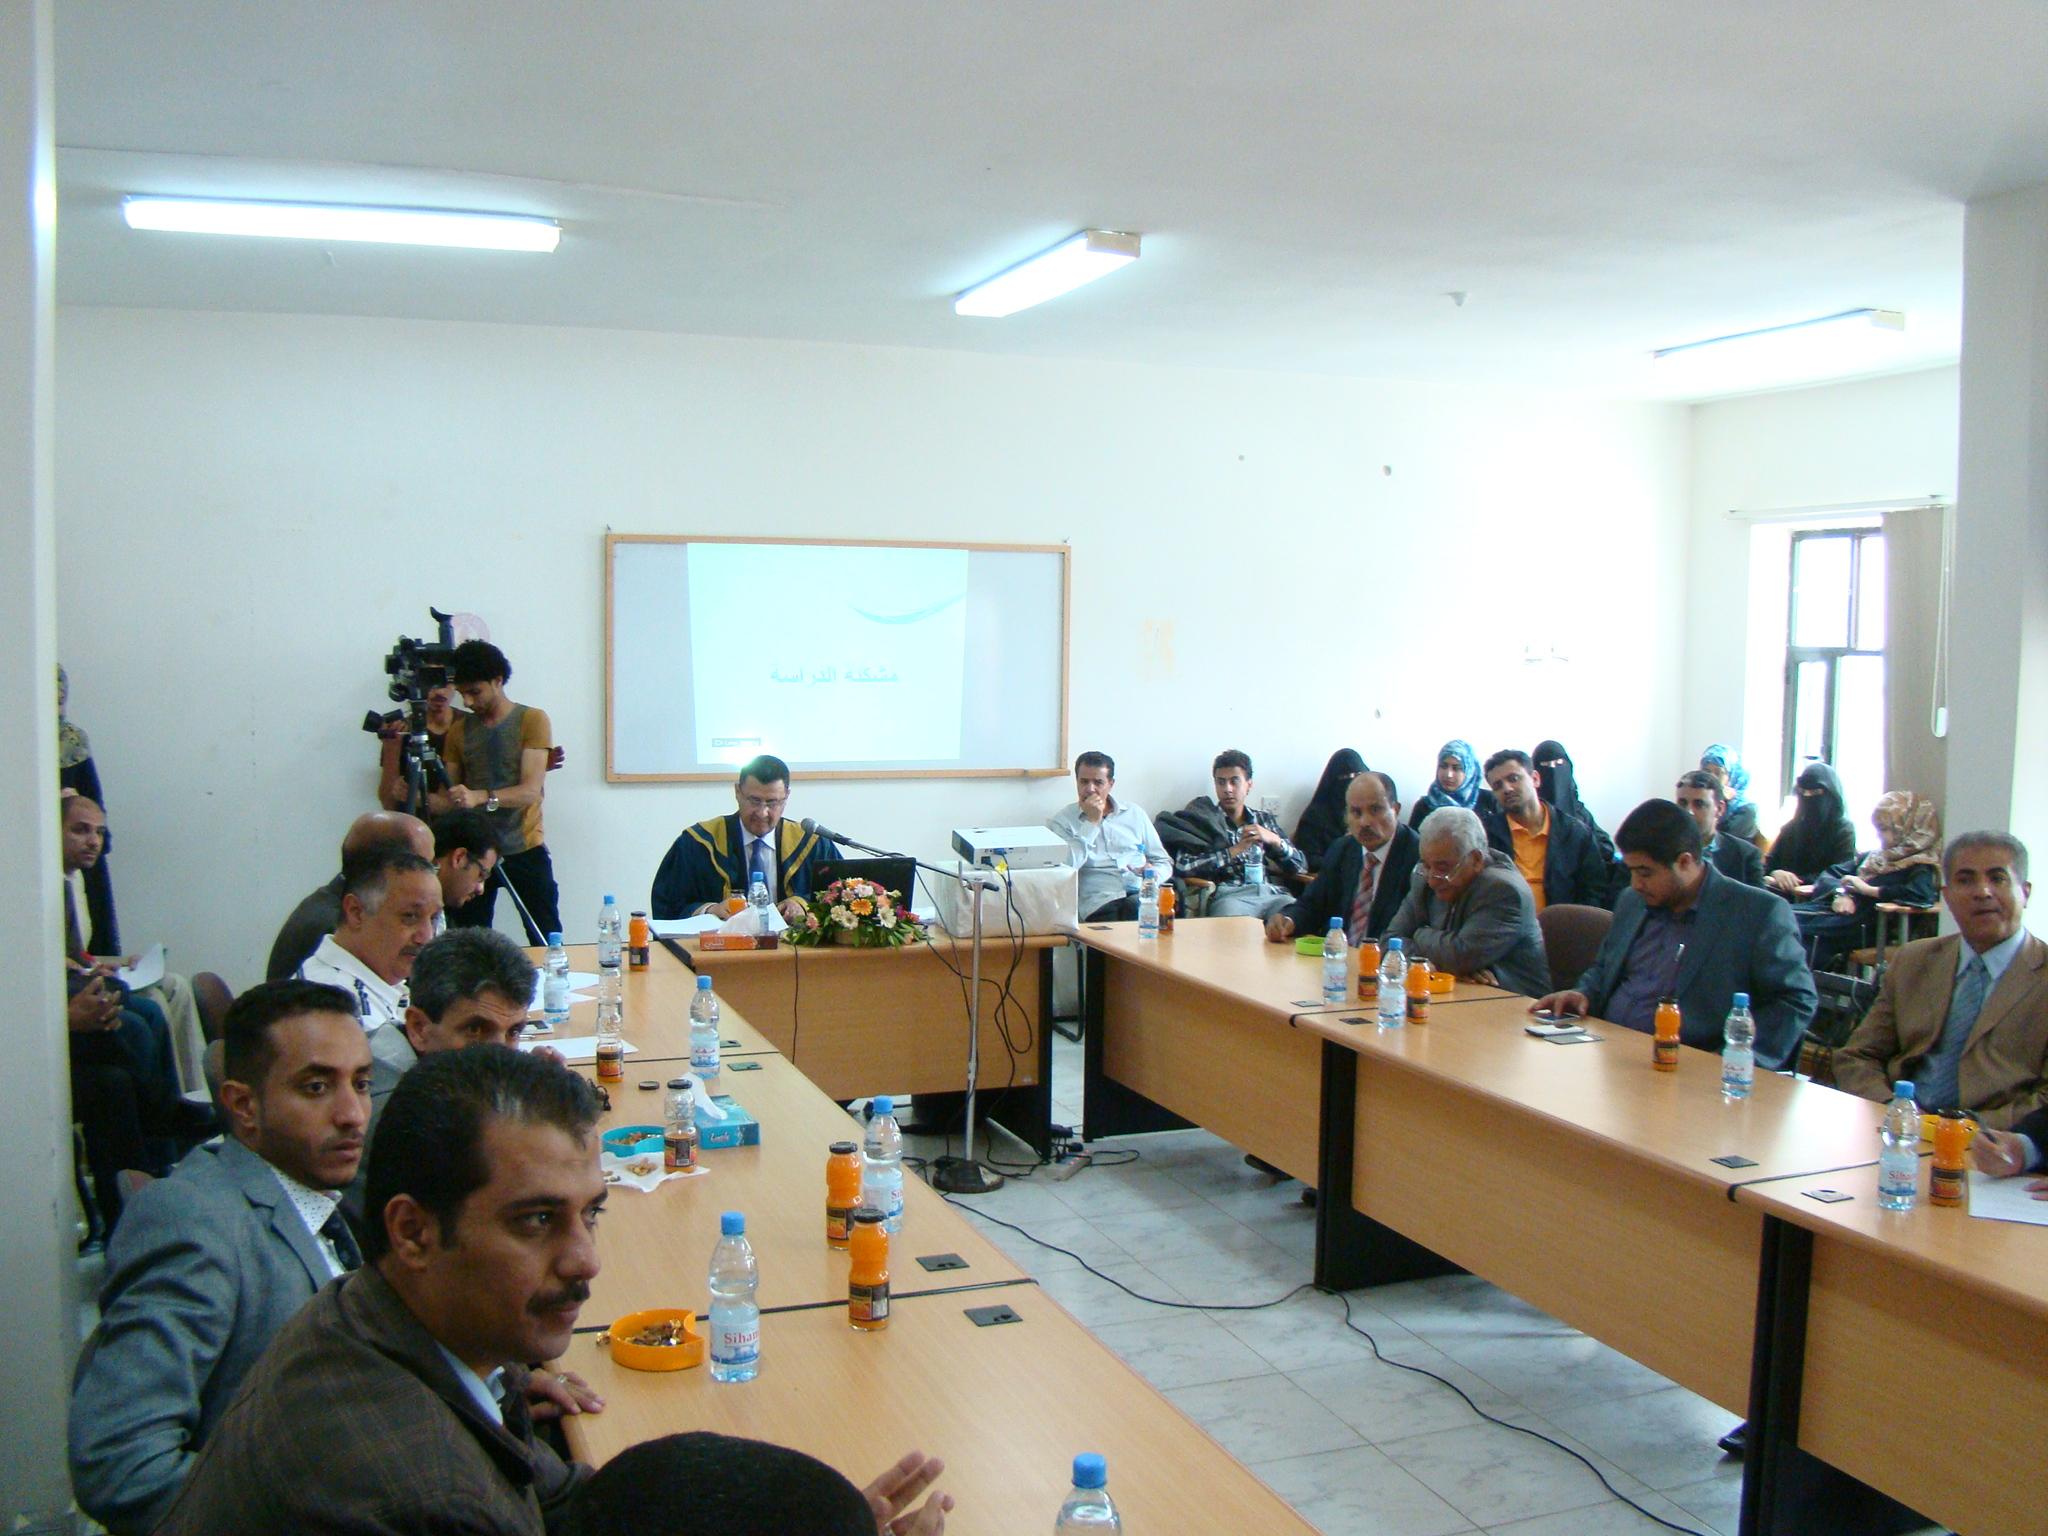 كلية الدراسات العليا - مناقشة الطالب عمر محمد غالب